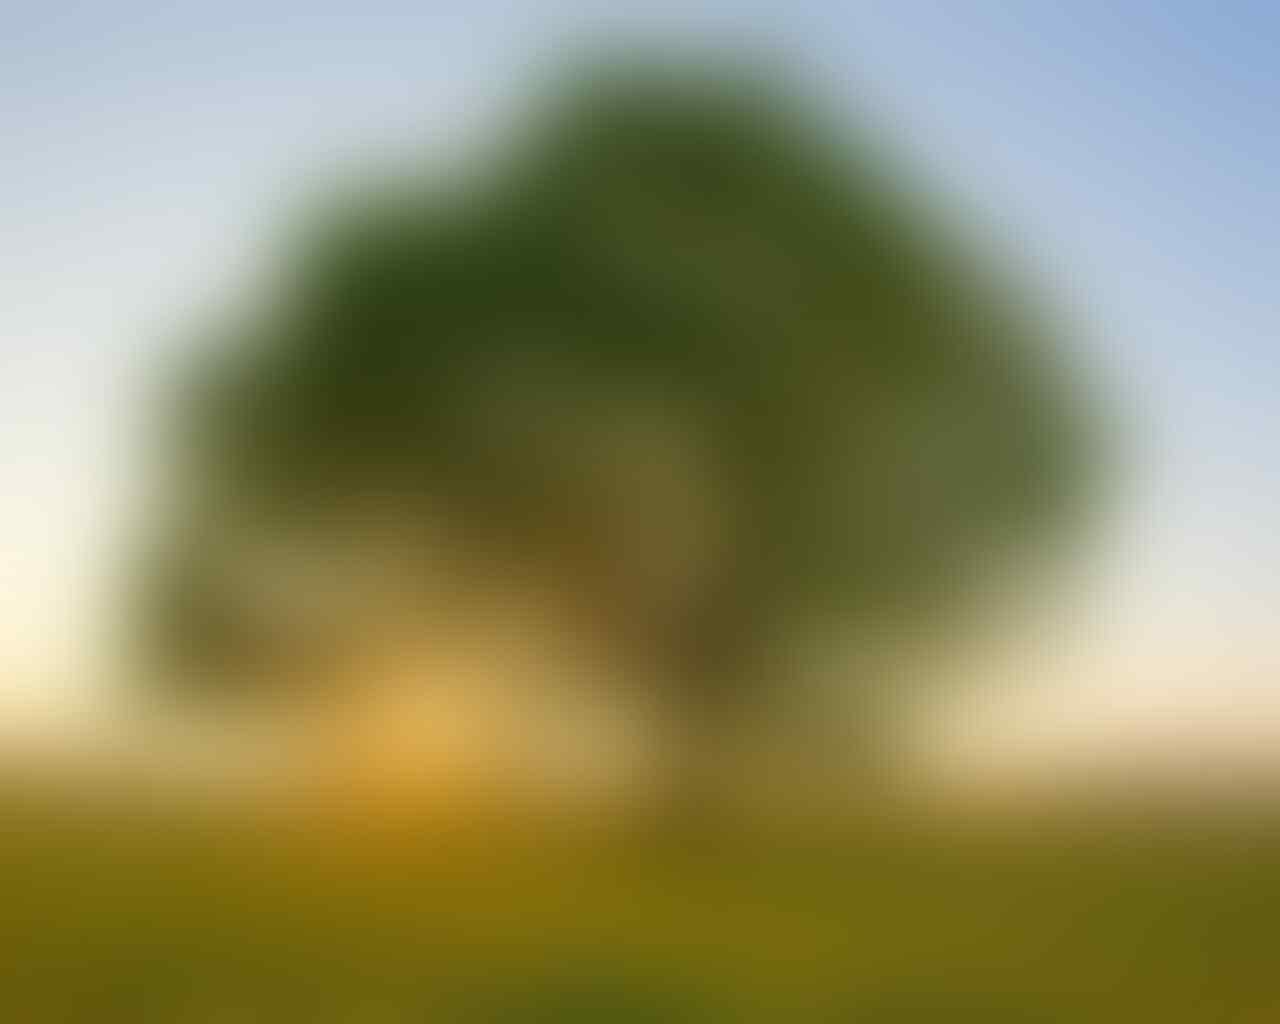 Pohon Penyerap CO2 (Karbondioksida)